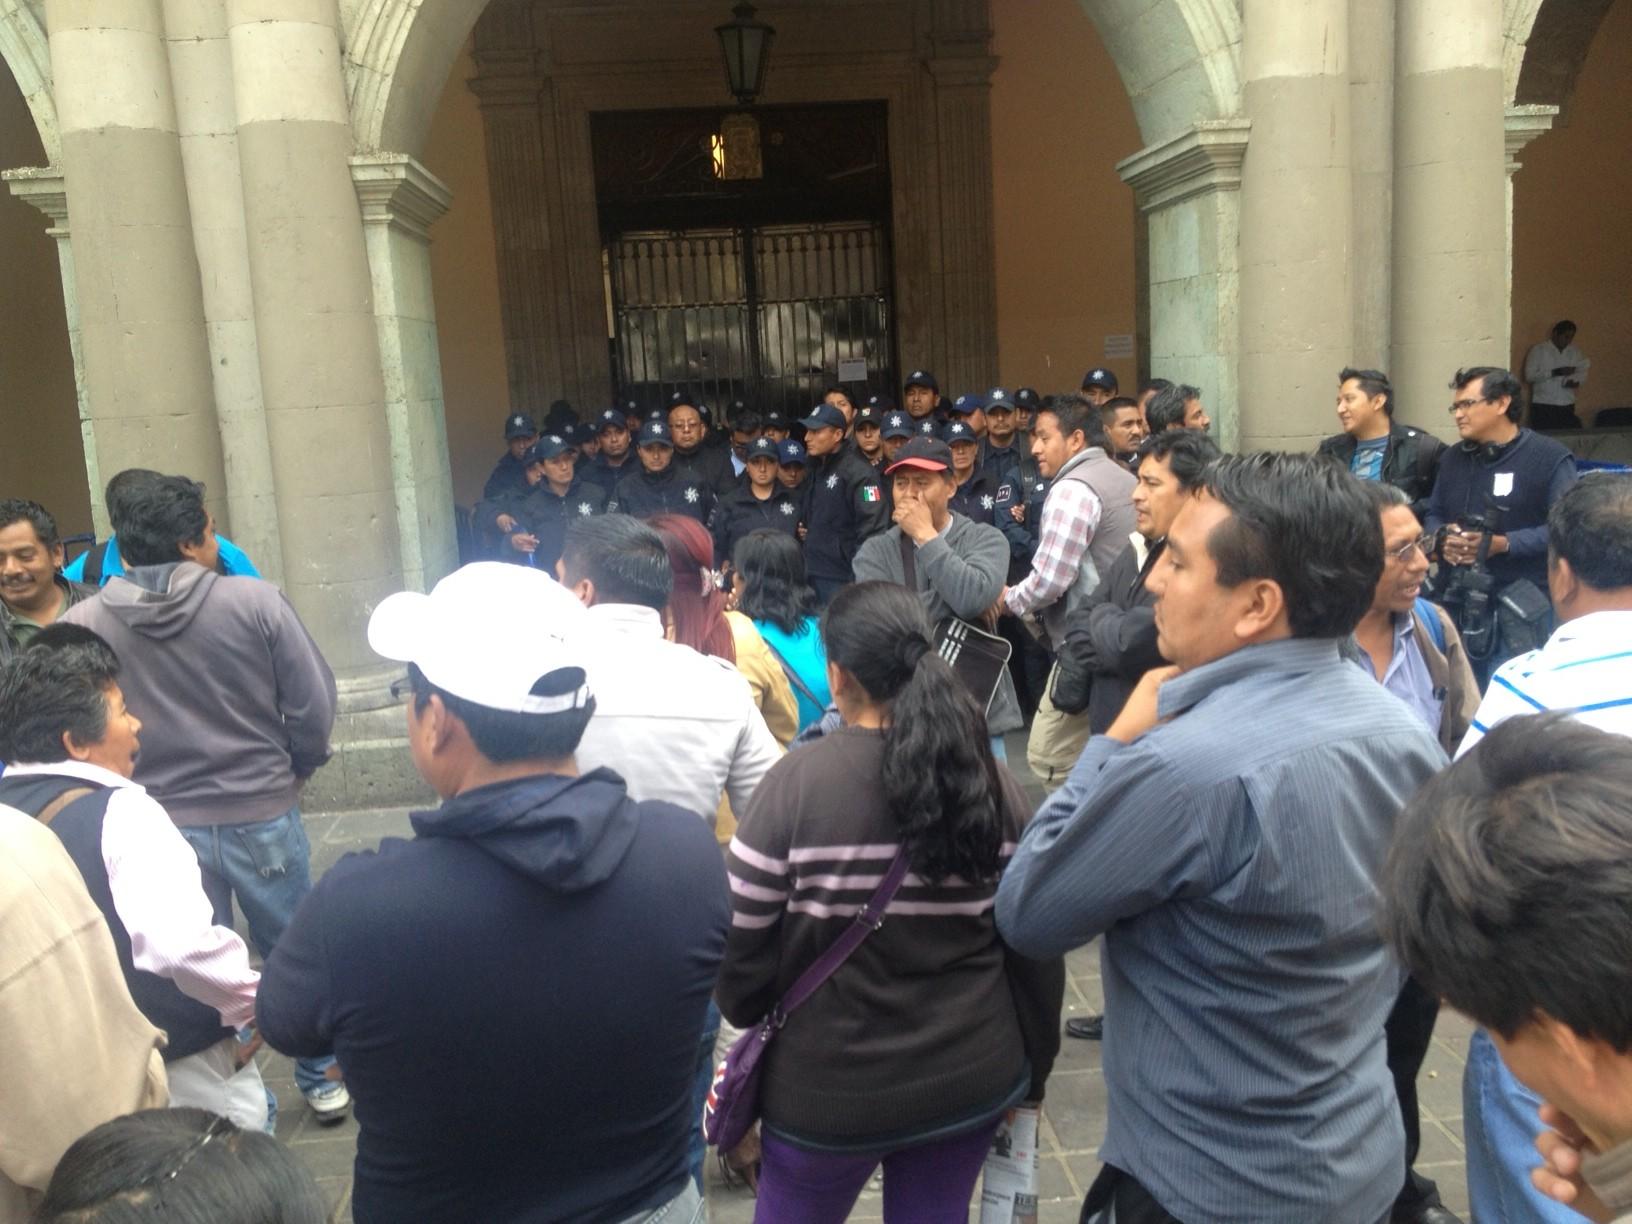 Rechazan presencia de Rosario Robles a Oaxaca; advierte la 22 que ningún funcionario del gobierno de Peña Nieto es bienvenido a Oaxaca